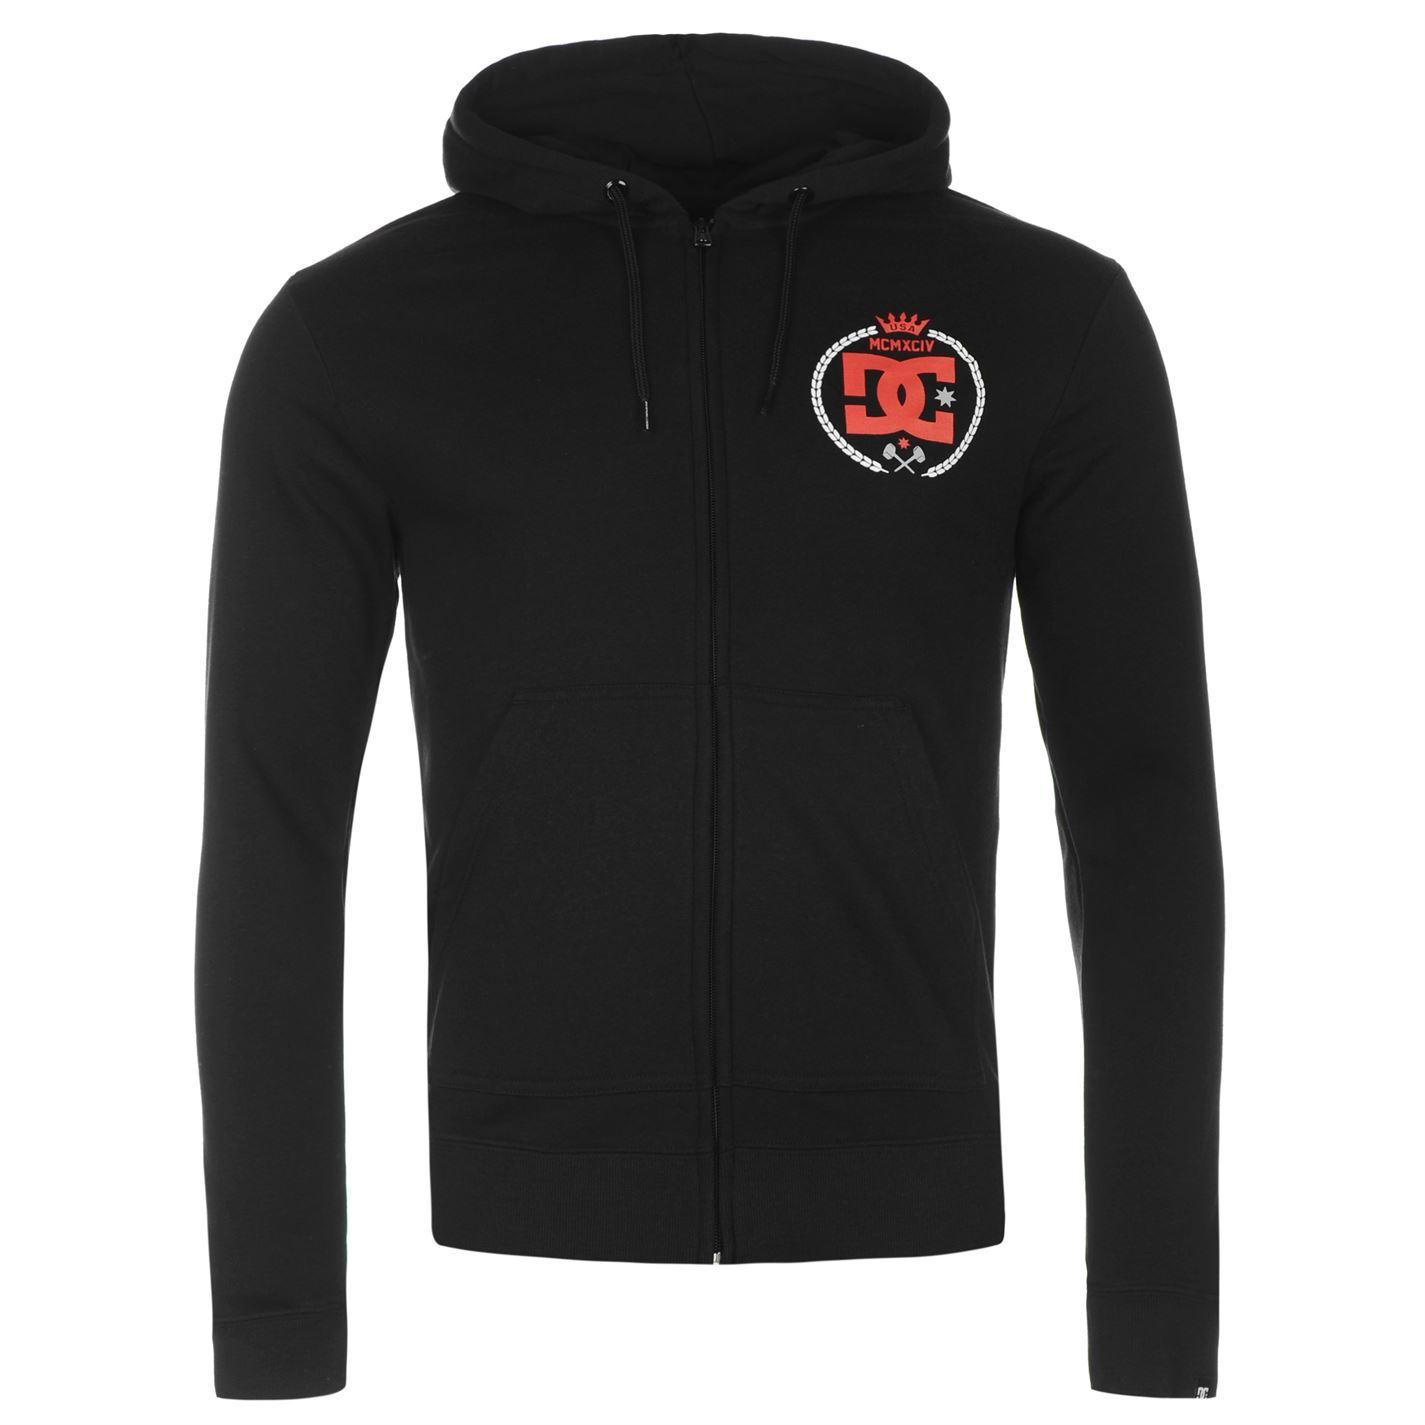 DC-Shoe-Co-Sledge-Full-Zip-Hoody-Jacket-Mens-Hoodie-Sweatshirt-Sweater-Top thumbnail 5